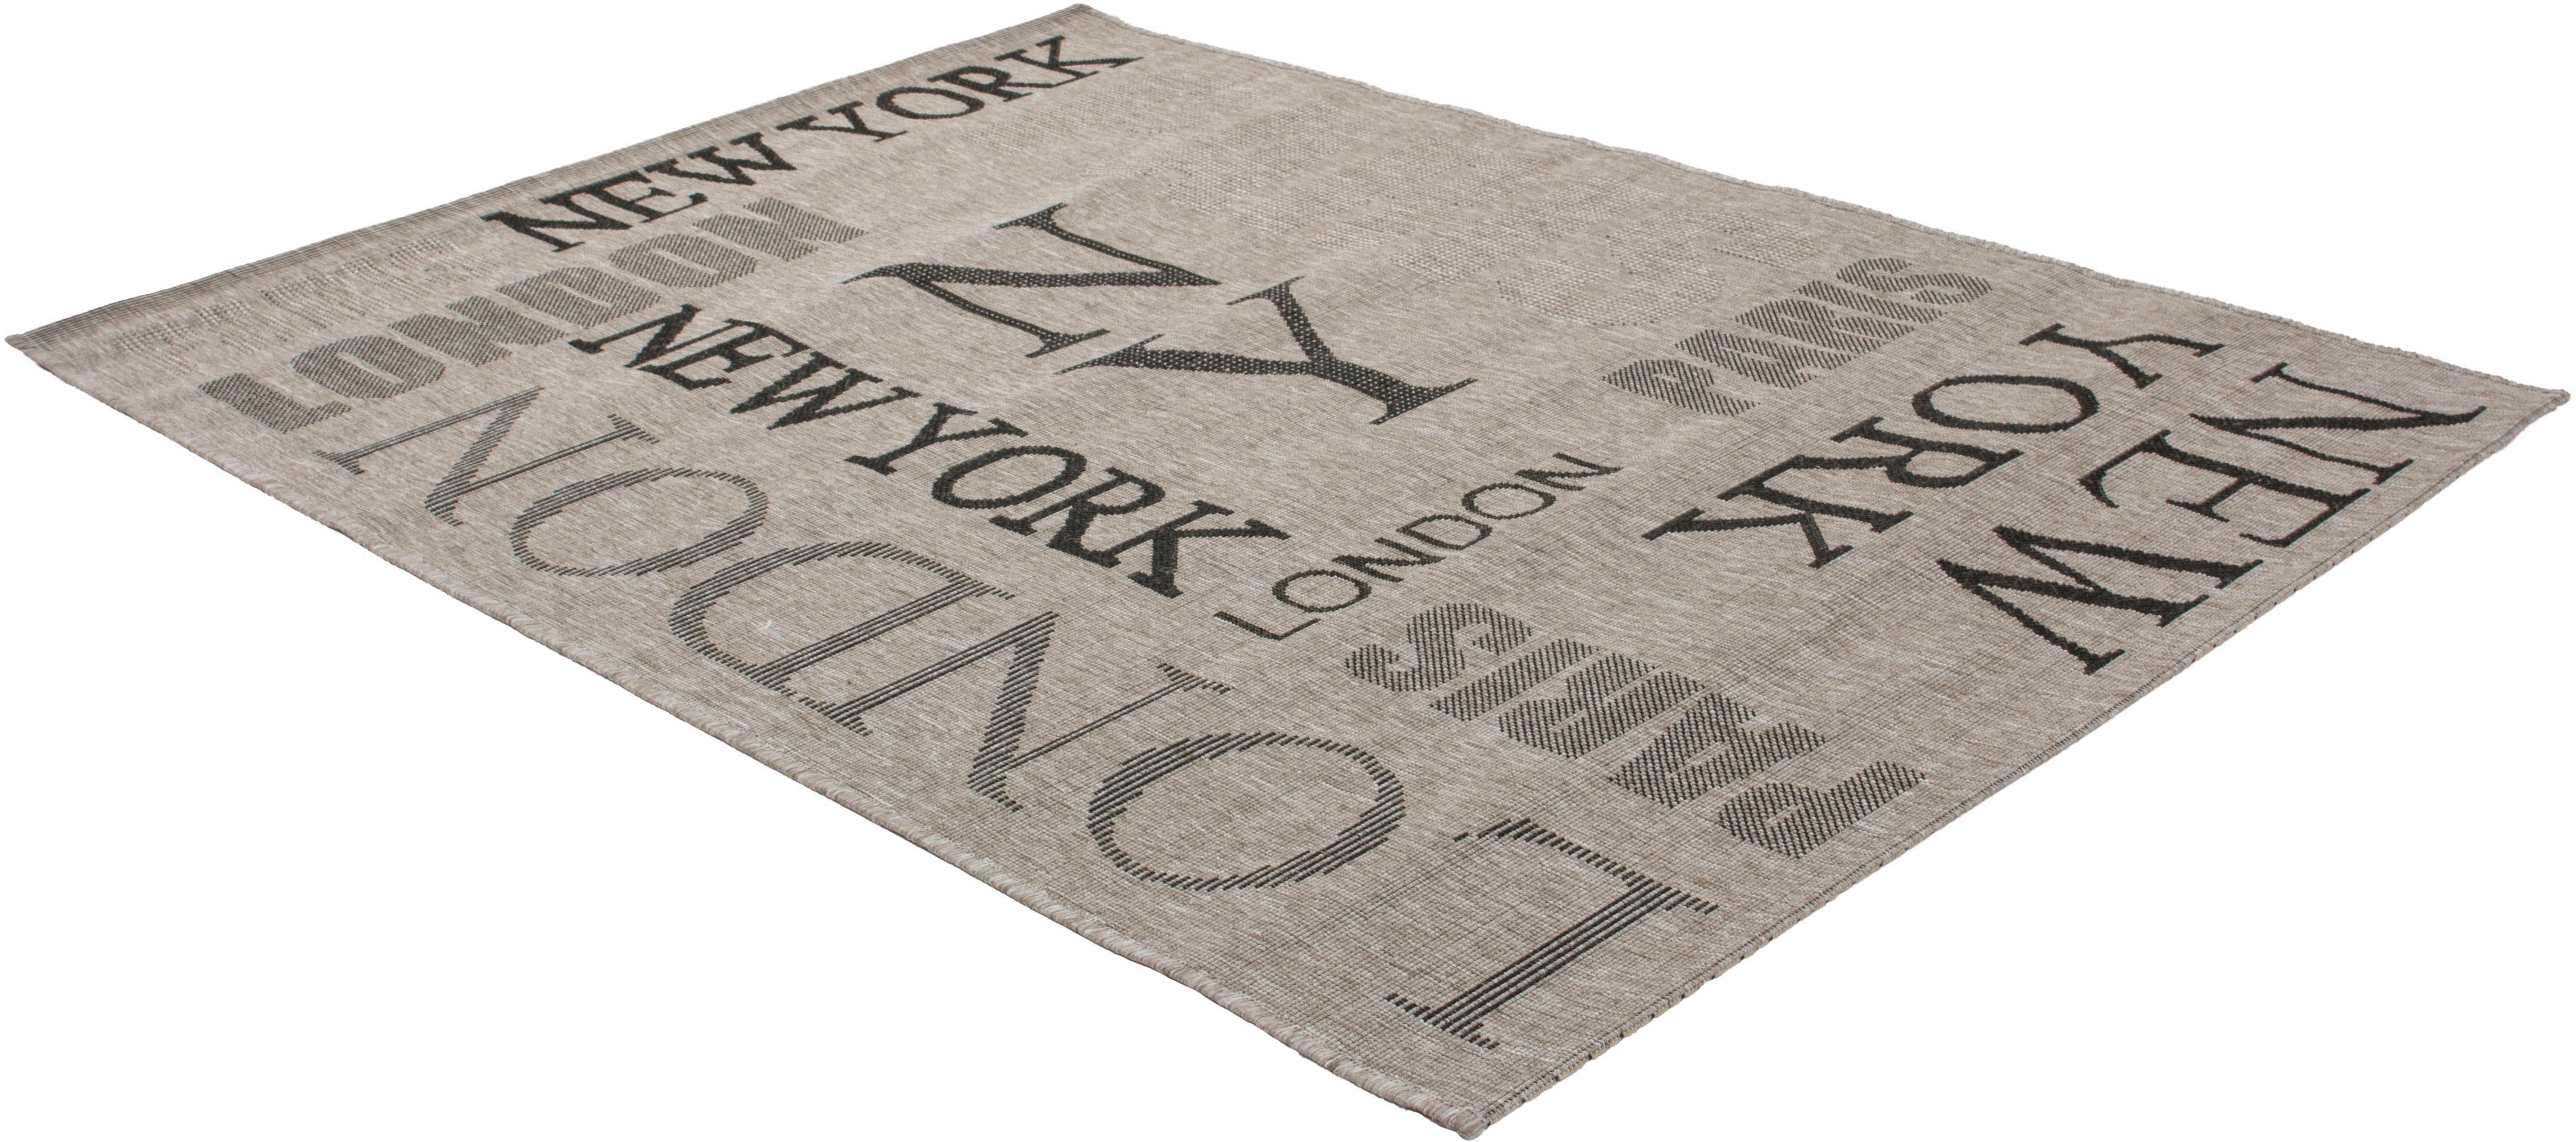 Teppich Trejo 711 calo-deluxe rechteckig Höhe 5 mm maschinell gewebt